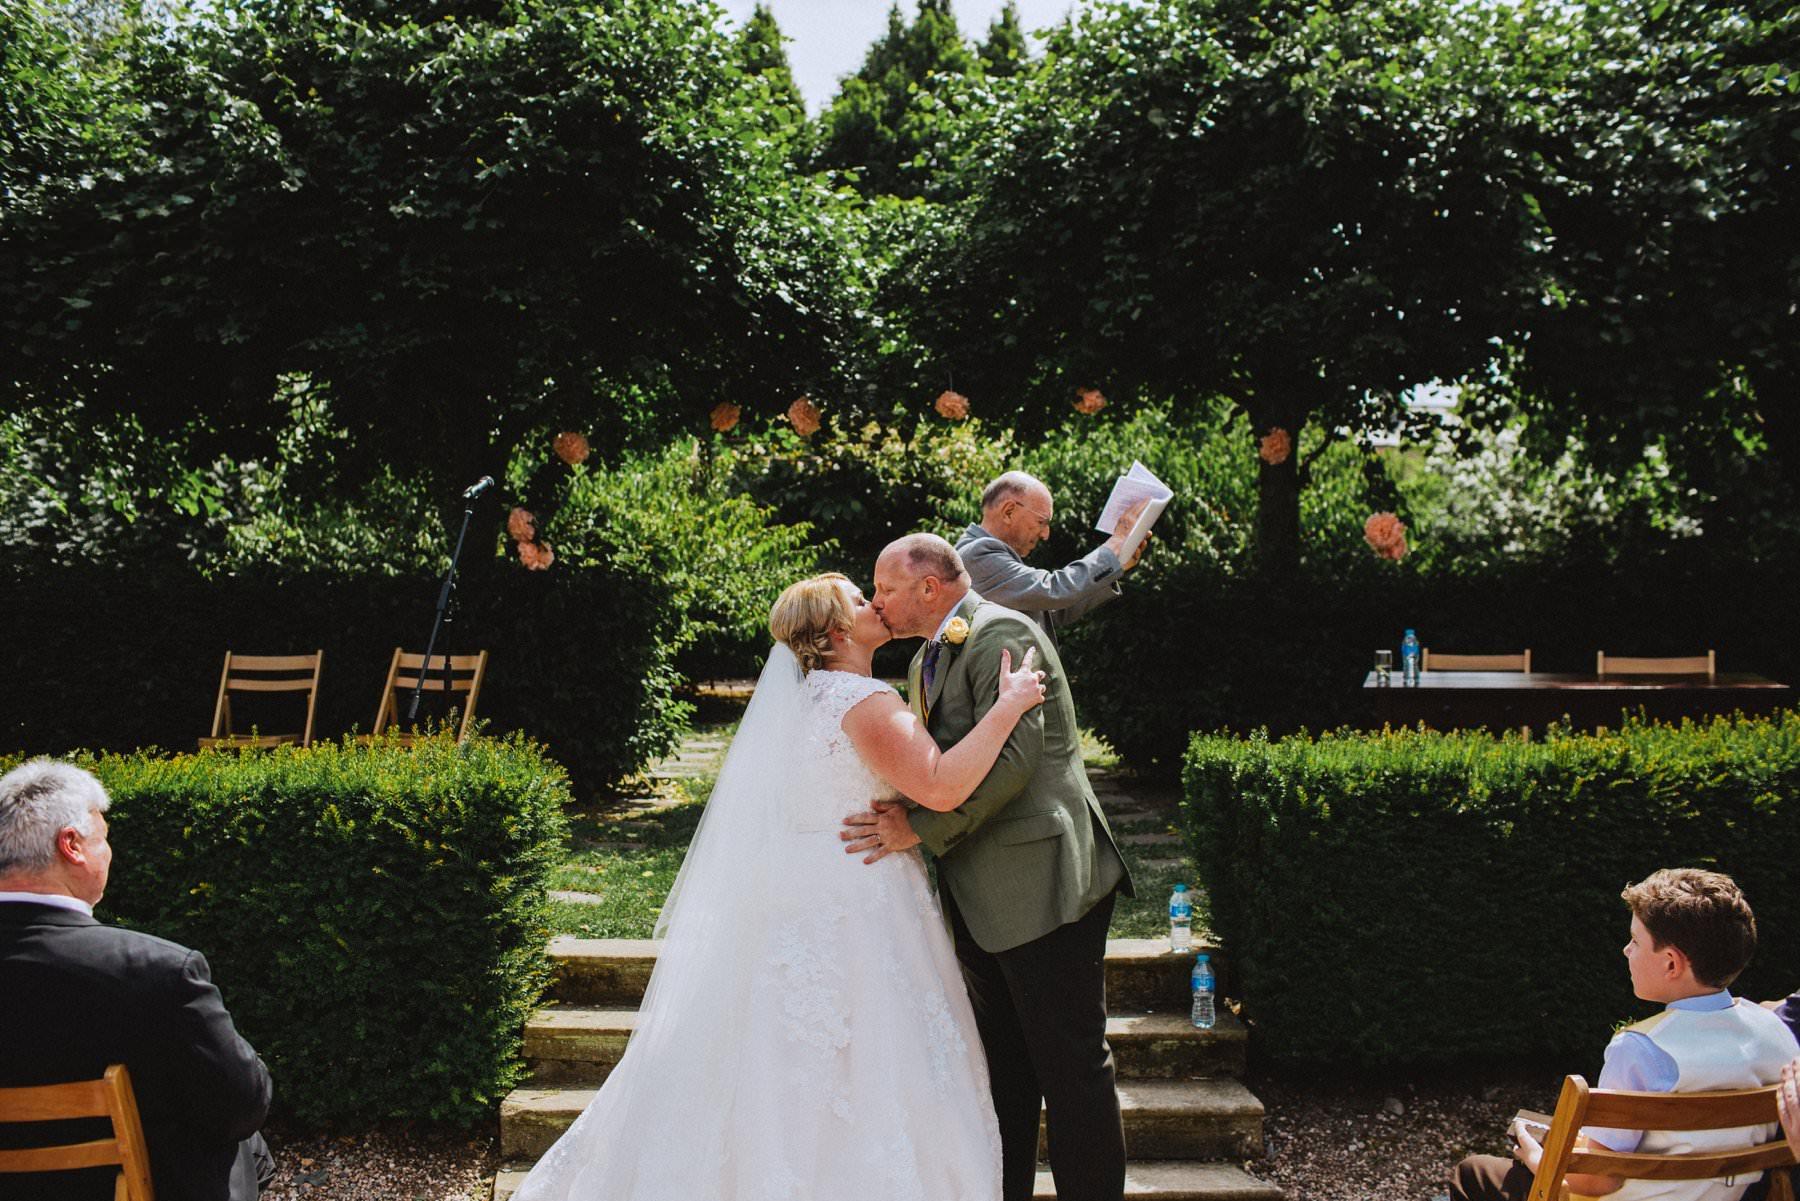 first kiss during outdoor wedding ceremony at larch fields sunken garden